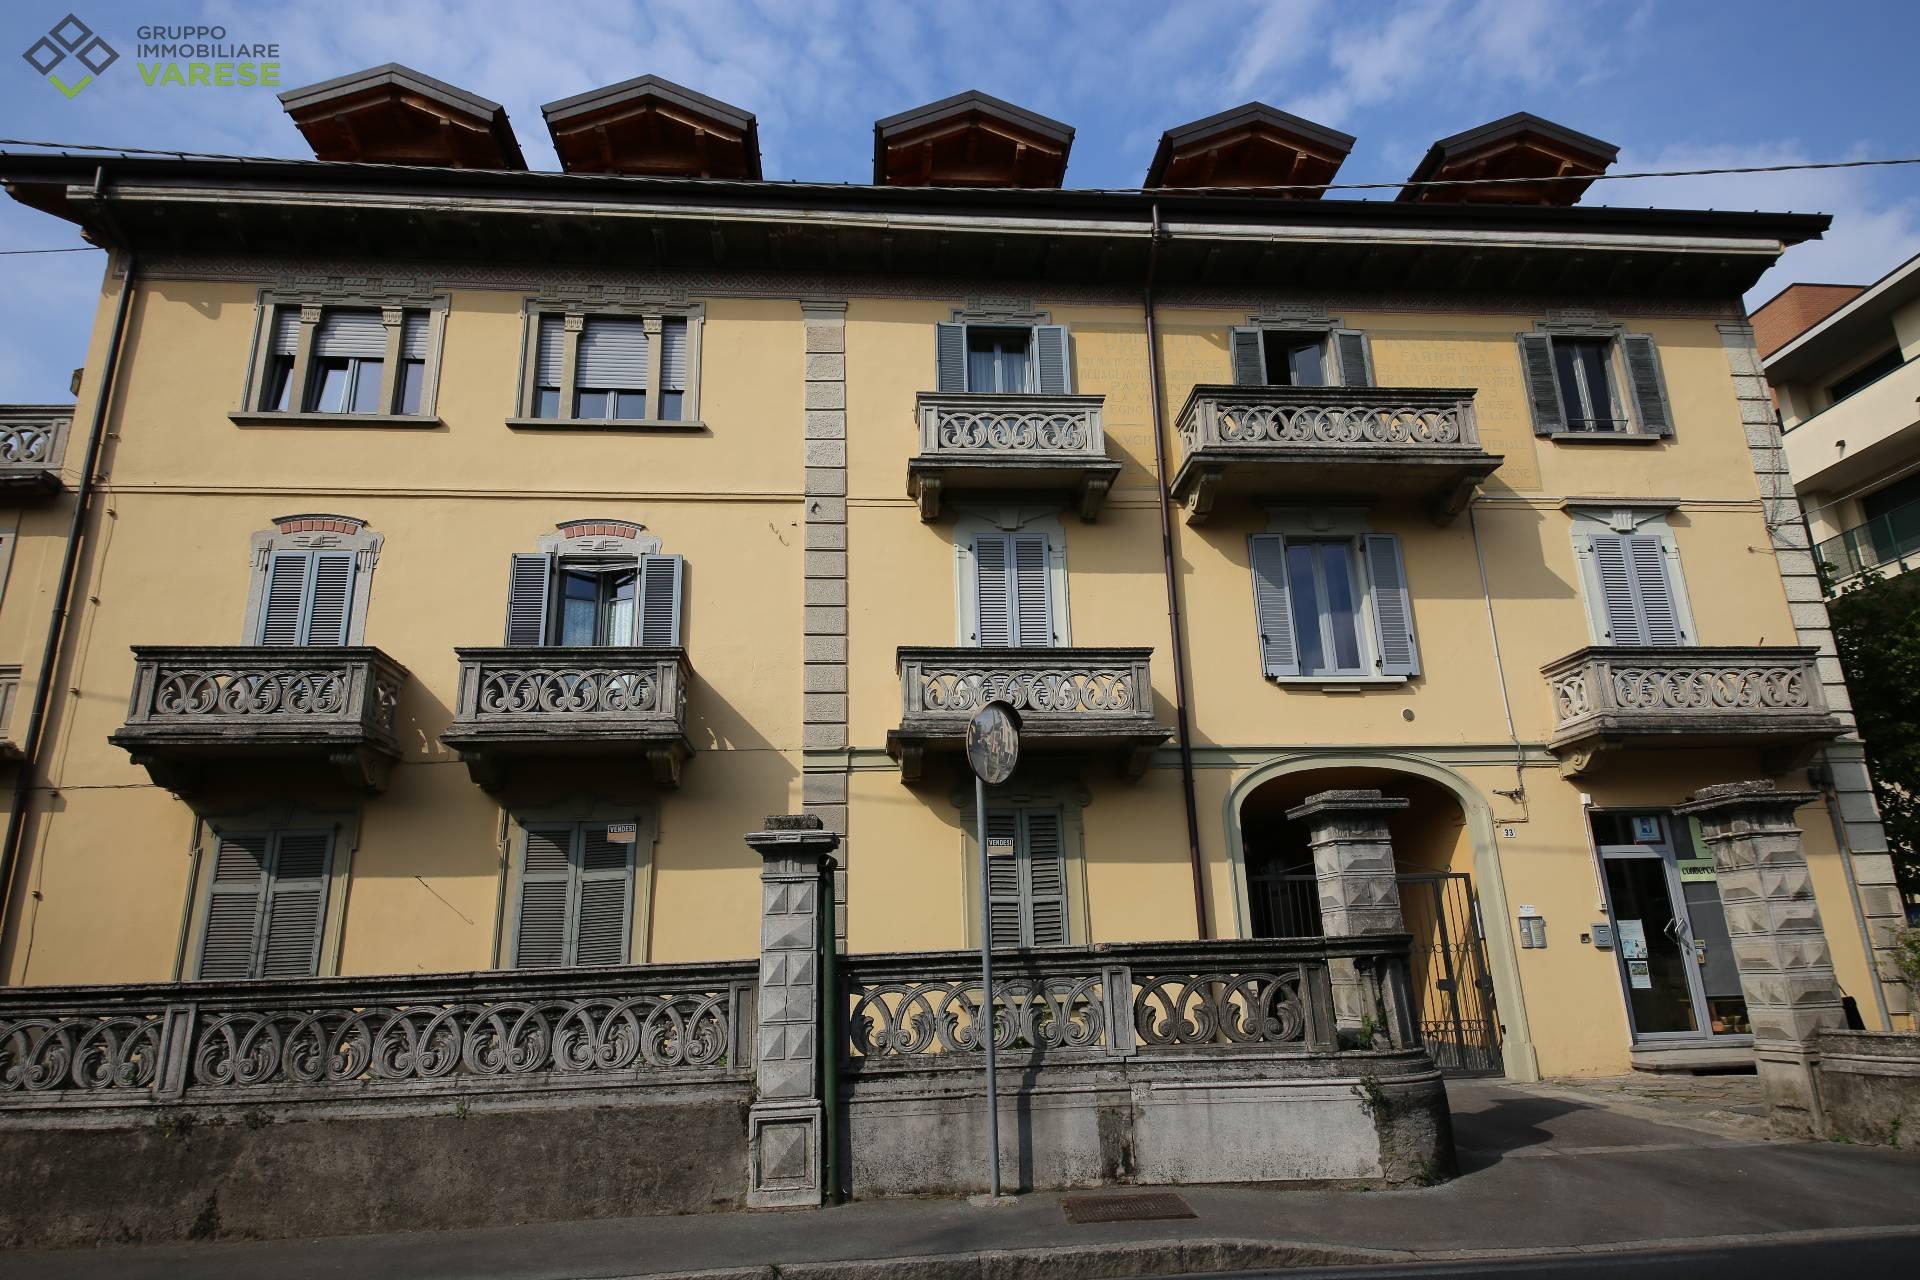 Soluzione Indipendente in vendita a Gavirate, 5 locali, prezzo € 250.000 | CambioCasa.it